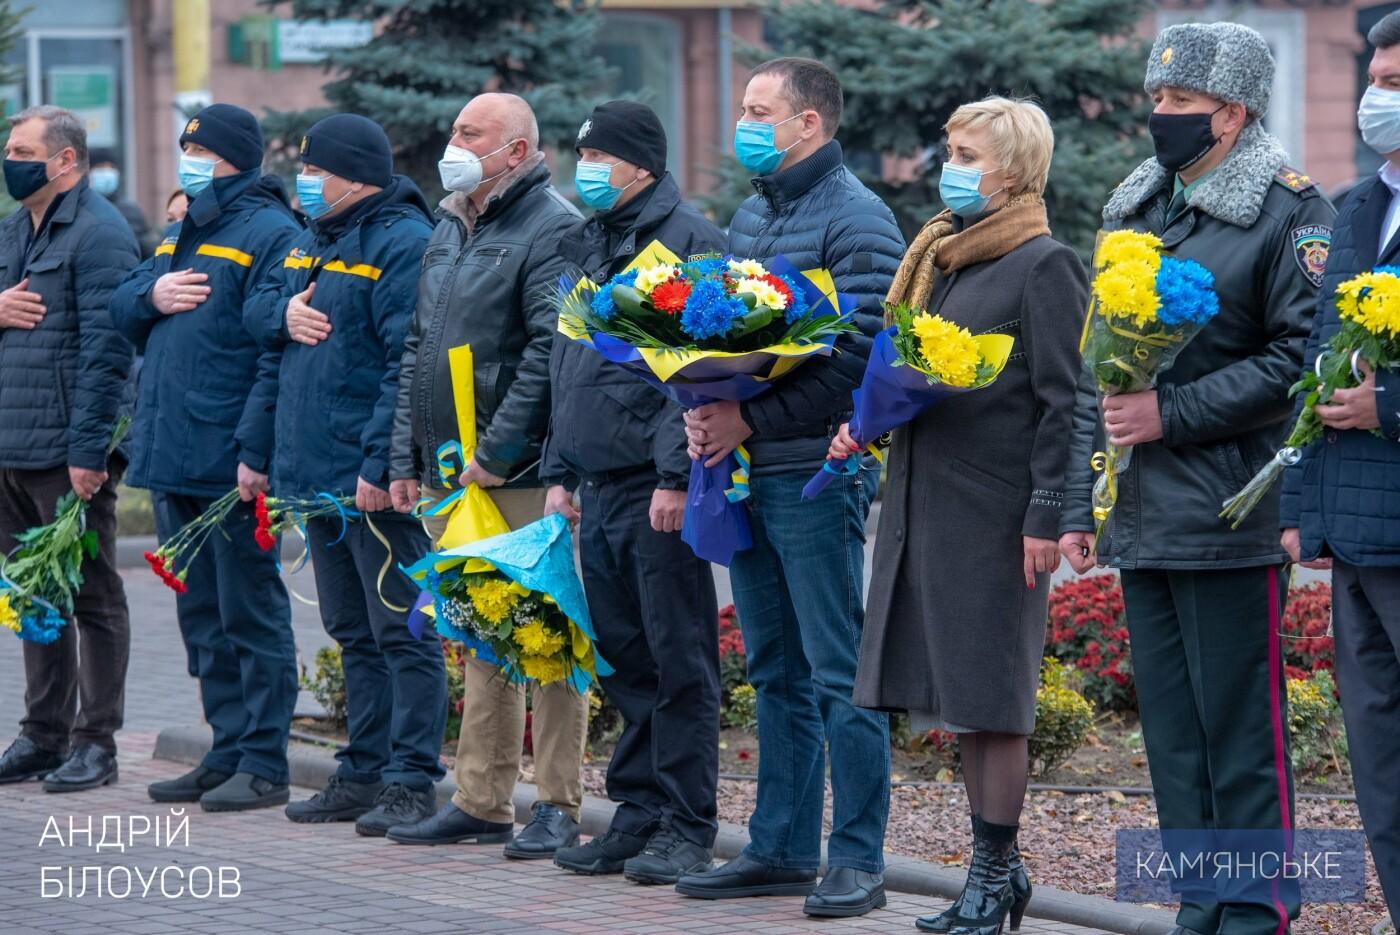 У Кам'янському відбулася церемонія покладання квітів з нагоди Дня Гідності та Свободи, фото-2